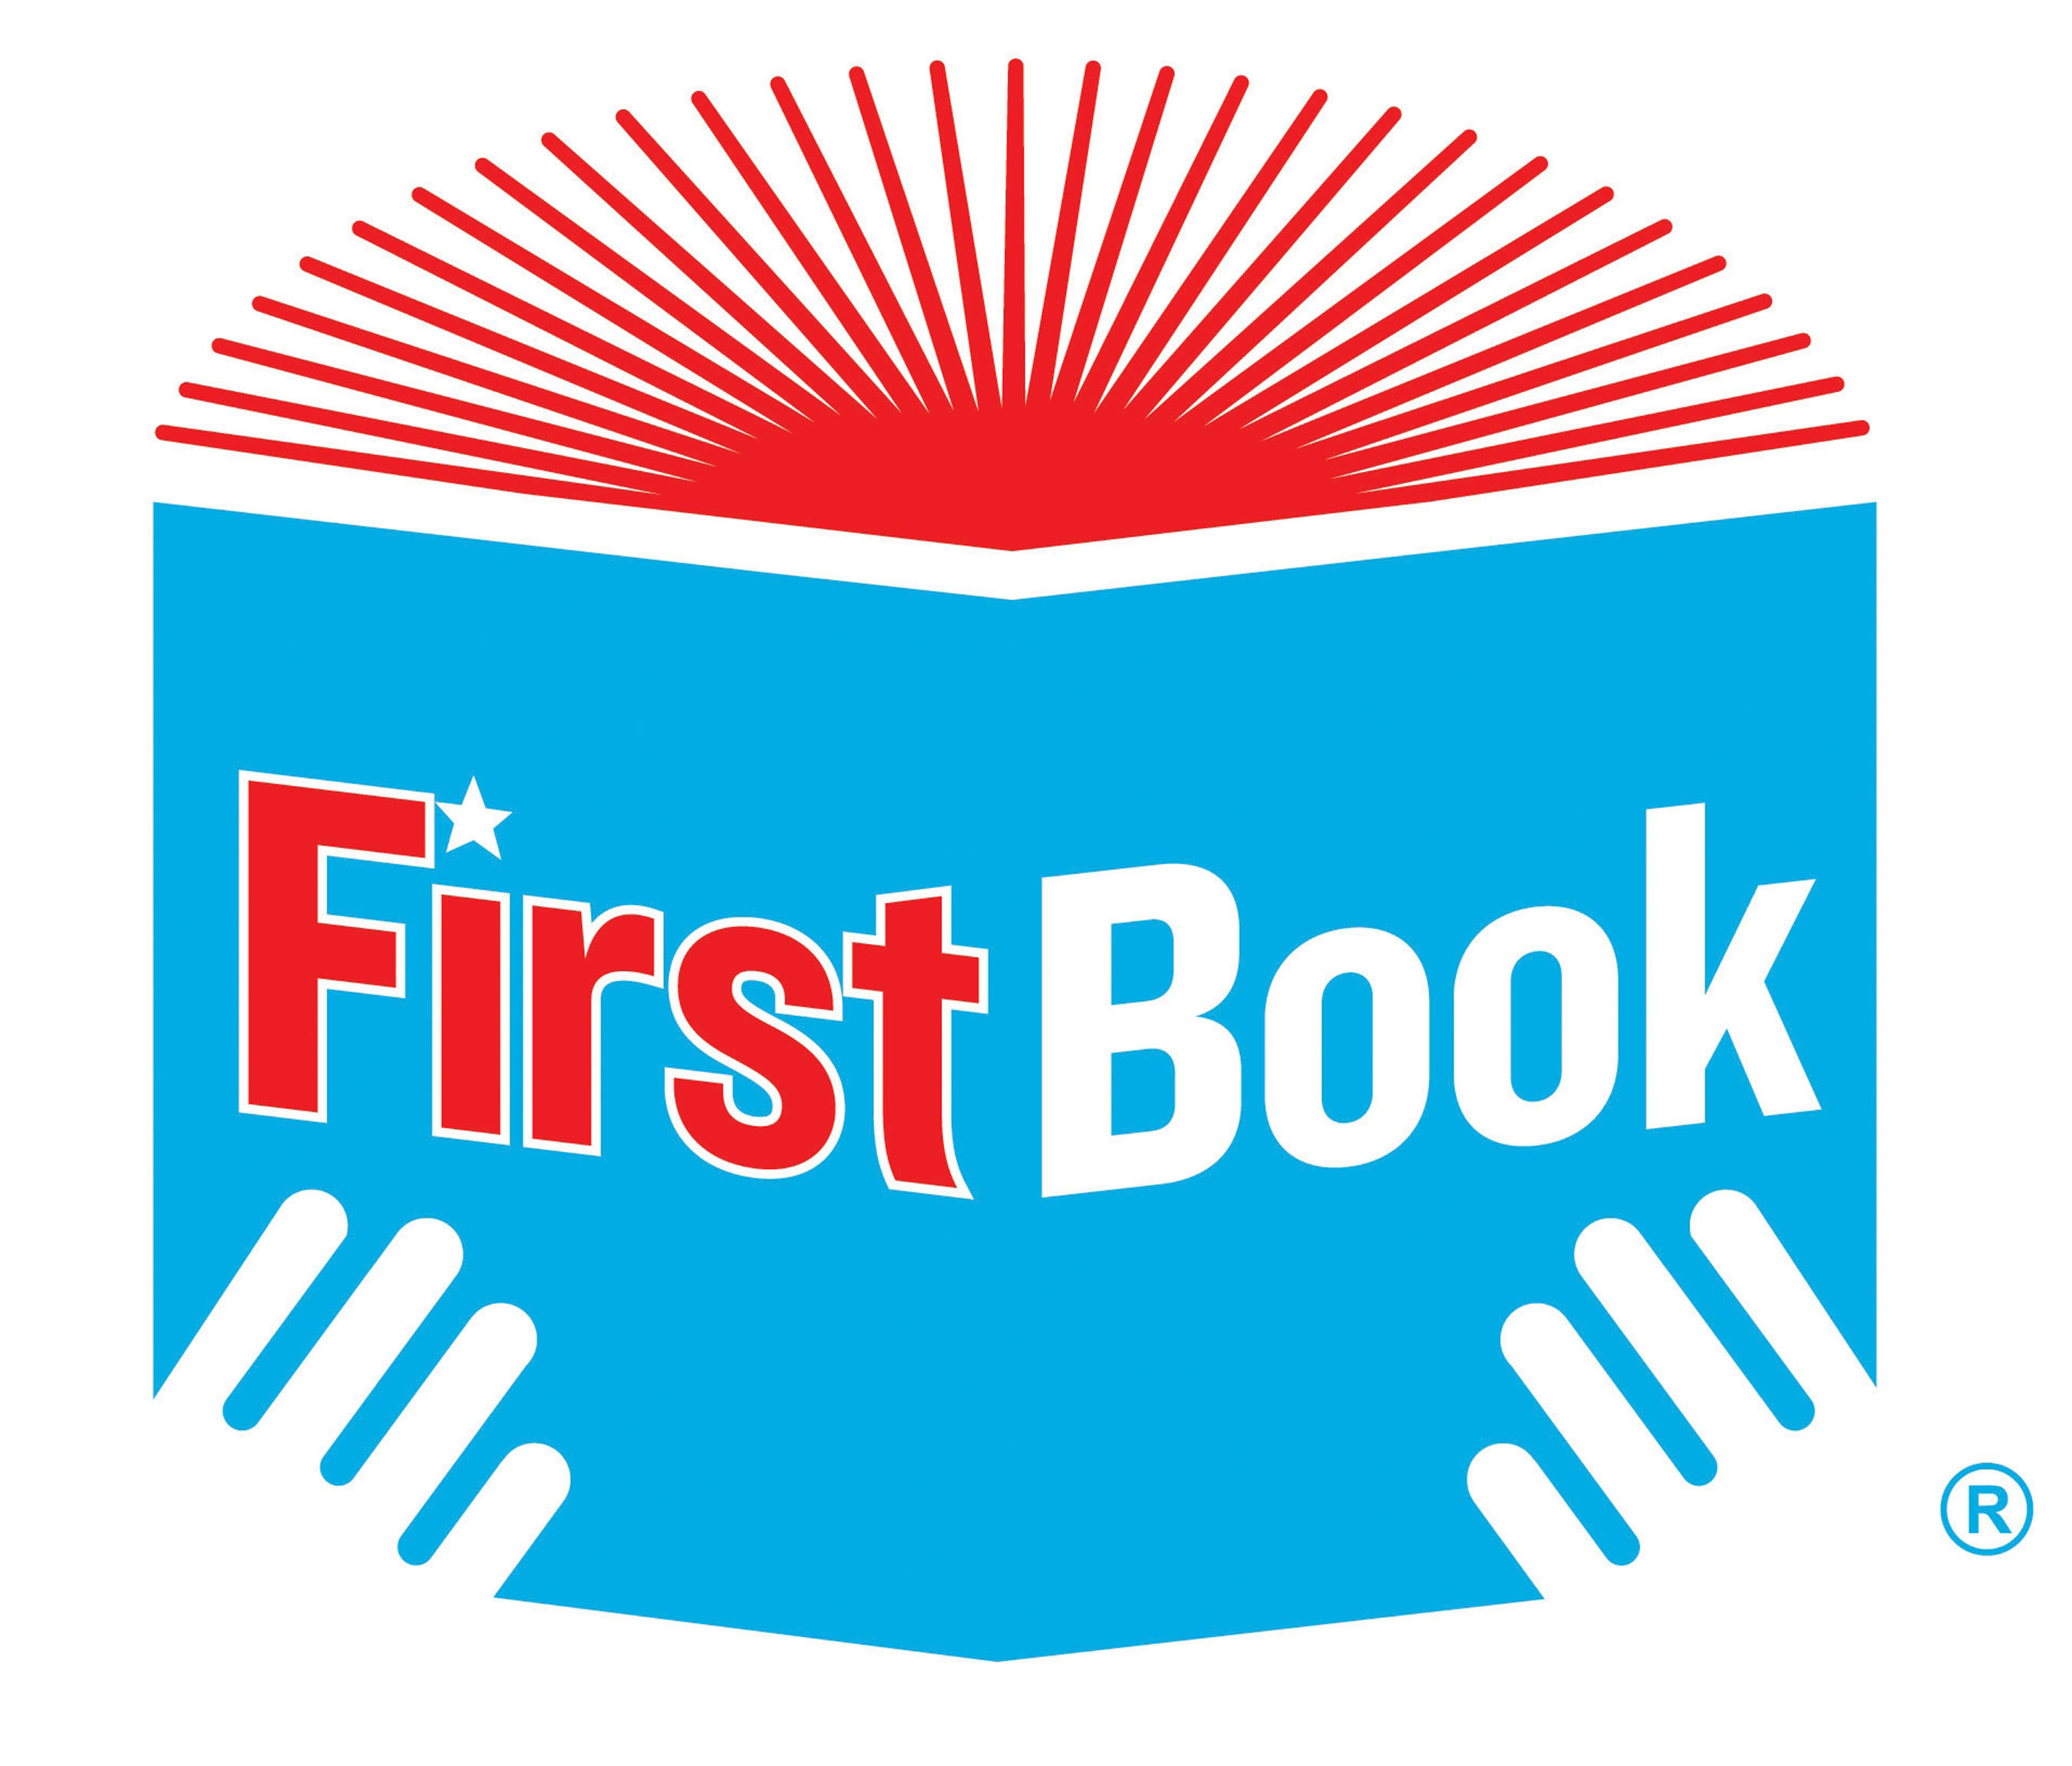 First Book logo.